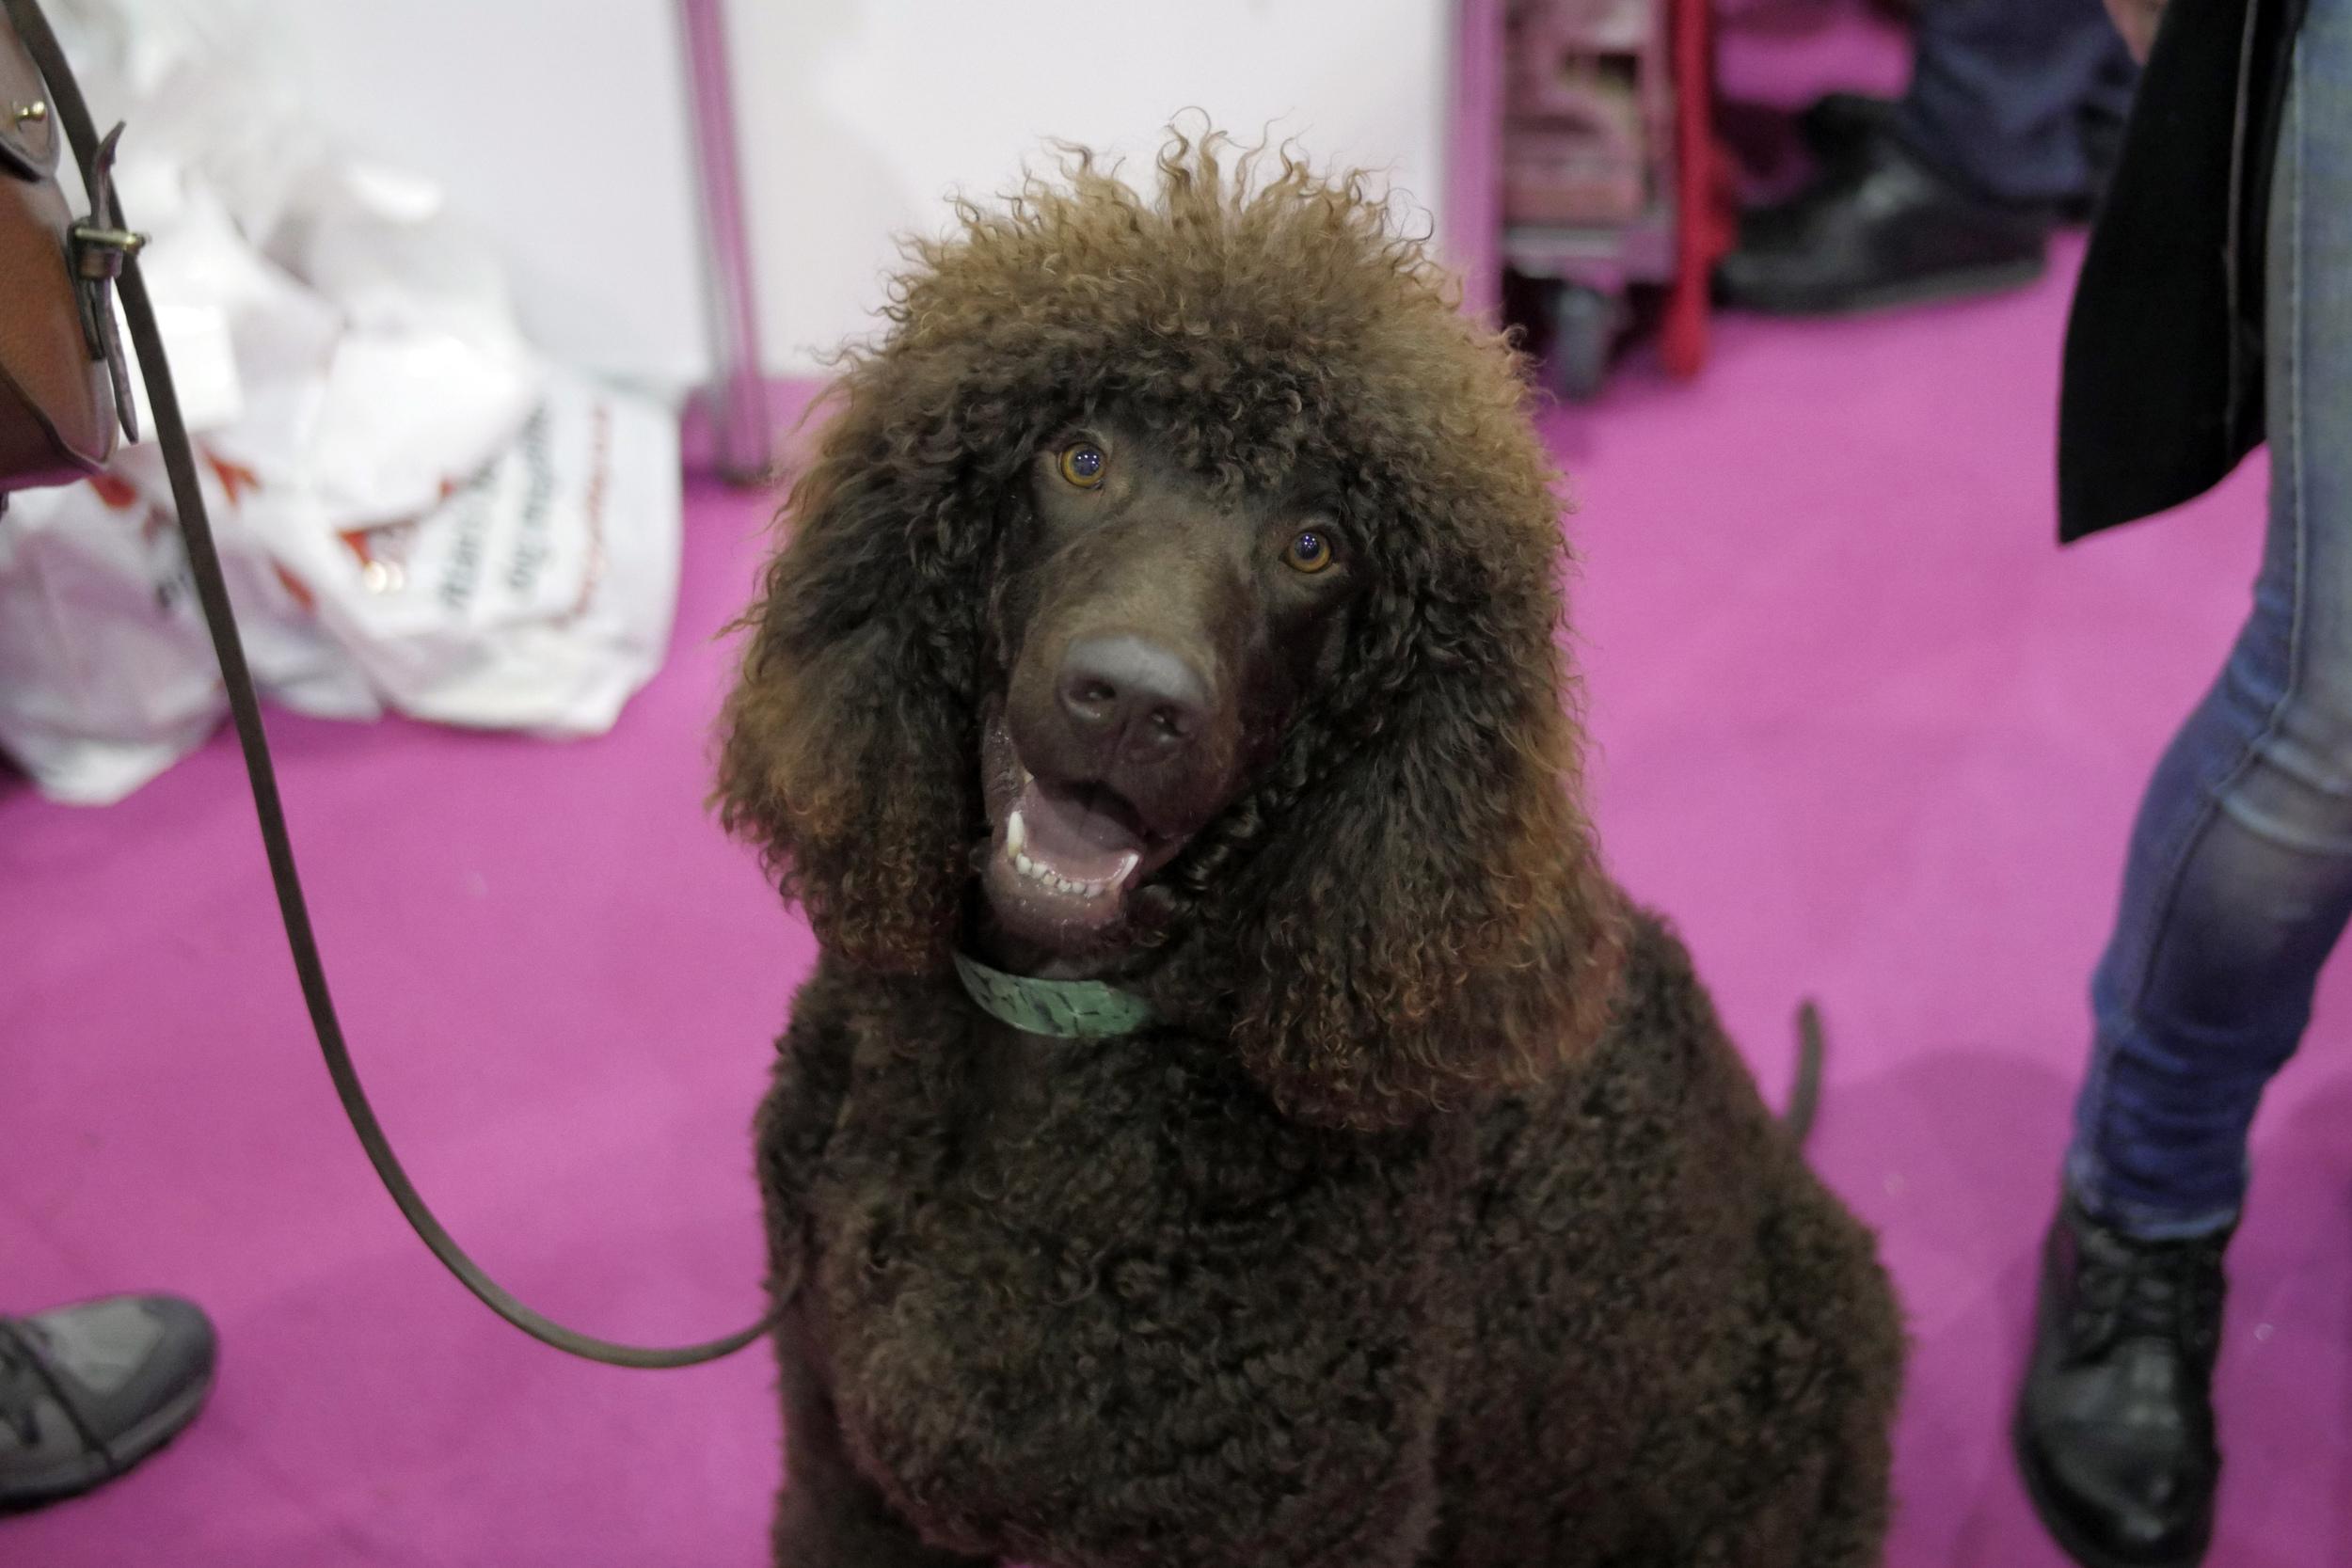 Big ol' brown poodle